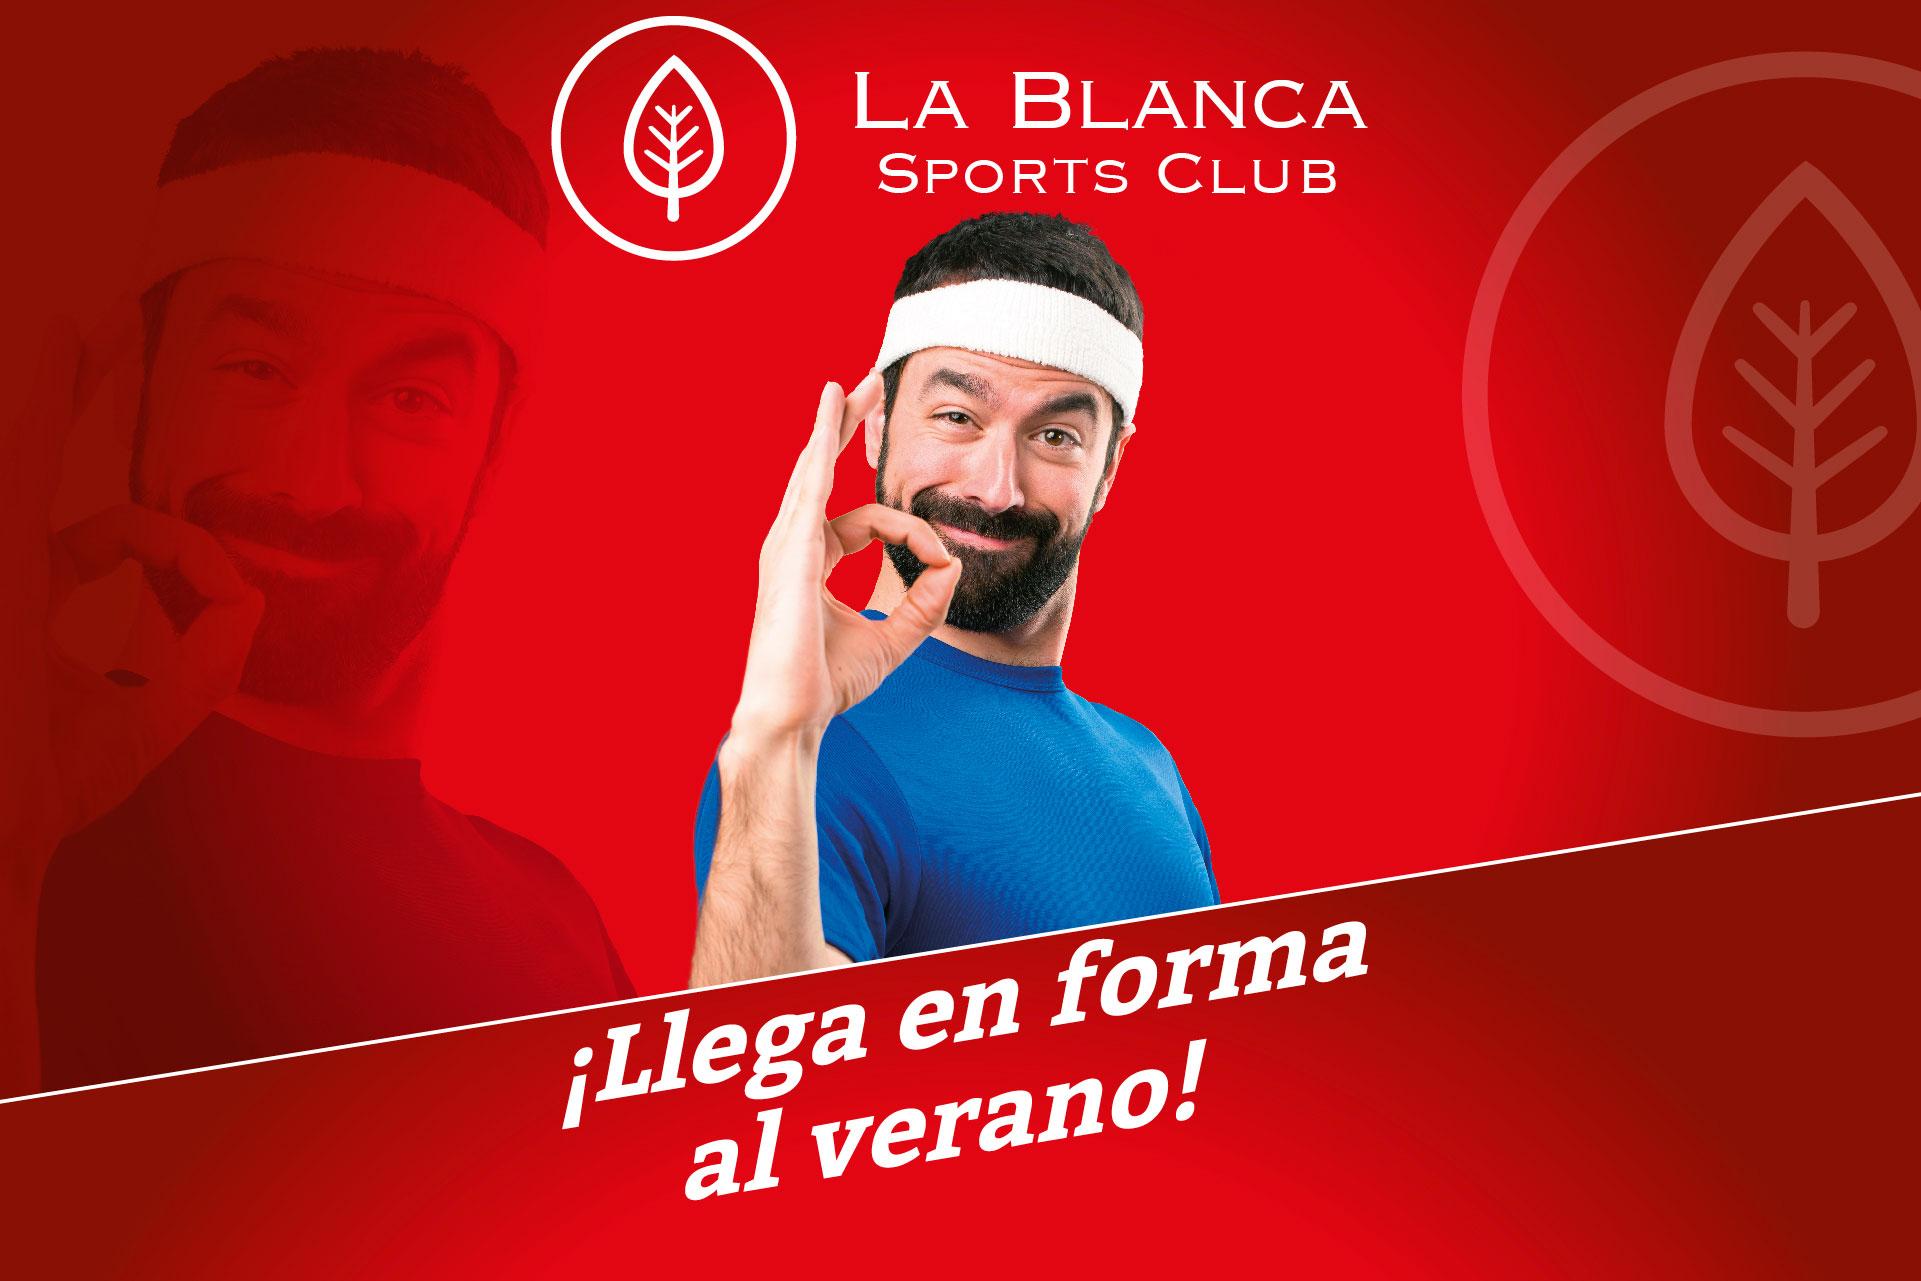 La Blanca Sports Club Gimnasio Montecarmelo Madrid llega en forma al verano